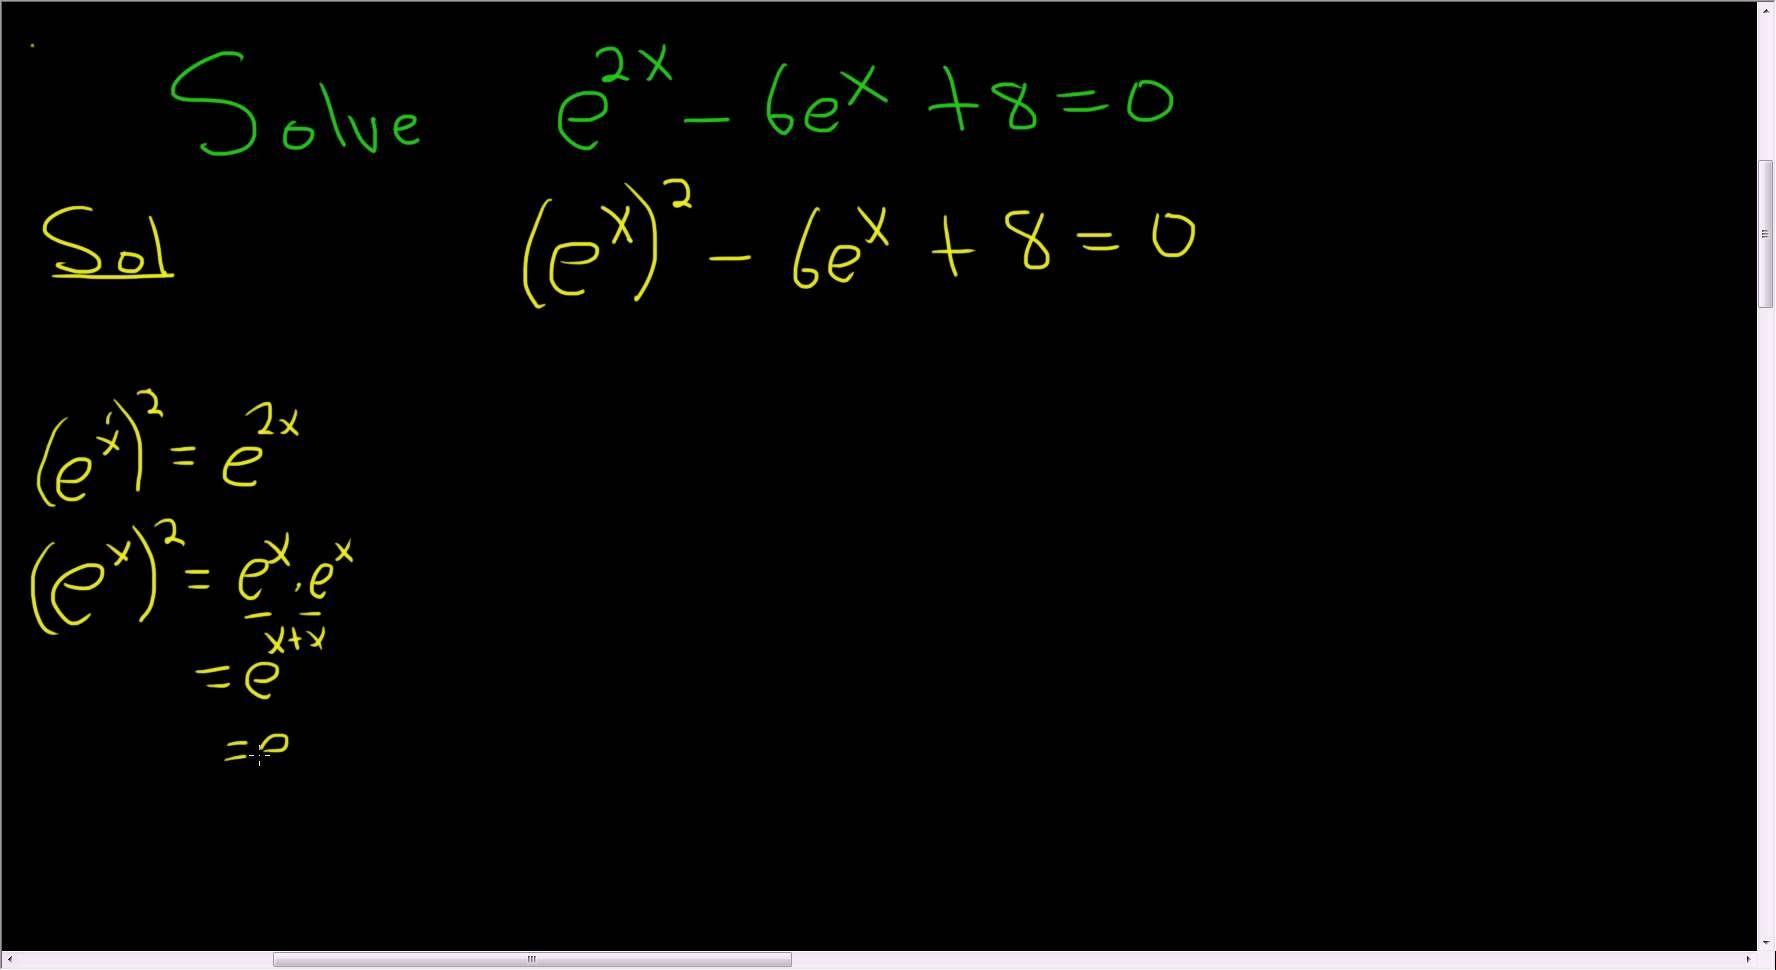 Solving The Exponential Equation E 2x 6 E X 8 0 Quadratics Exponential Math Videos